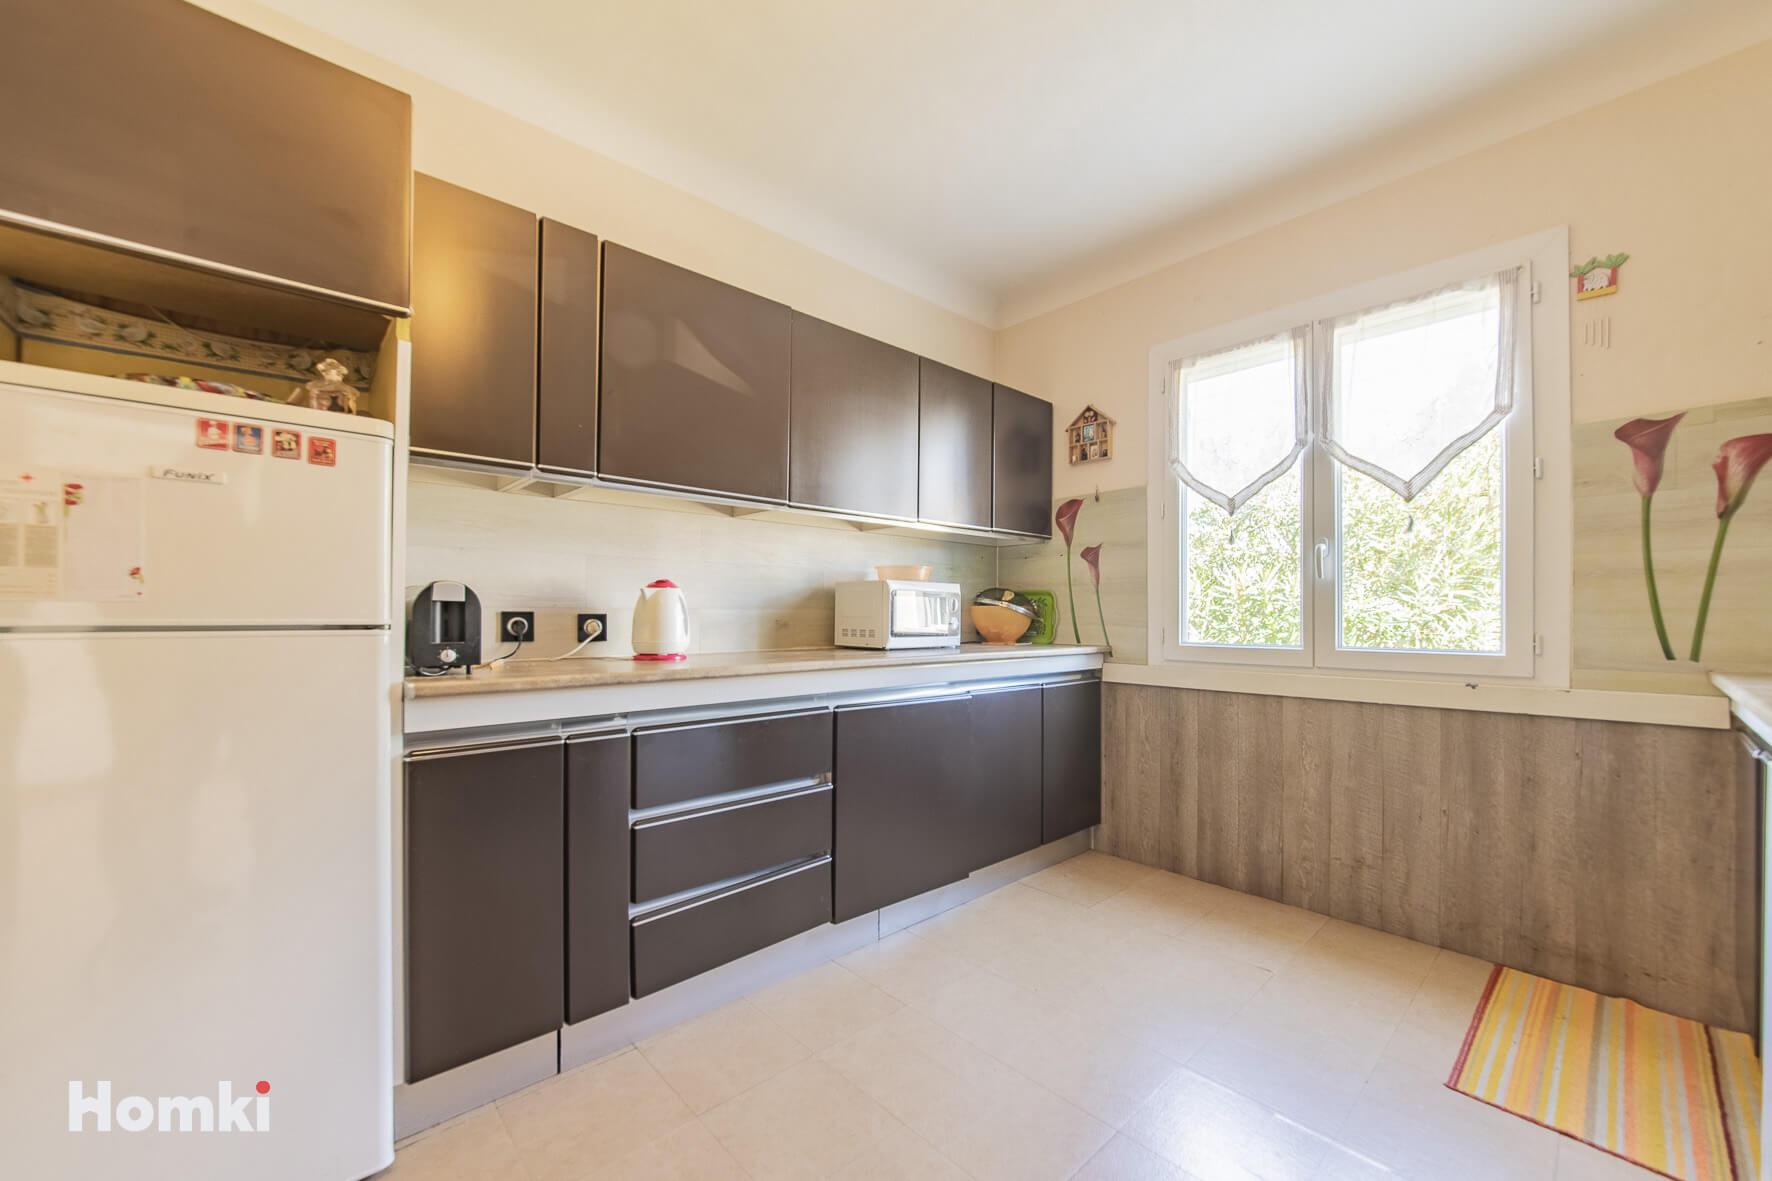 Homki - Vente Maison/villa  de 135.0 m² à Arles 13200